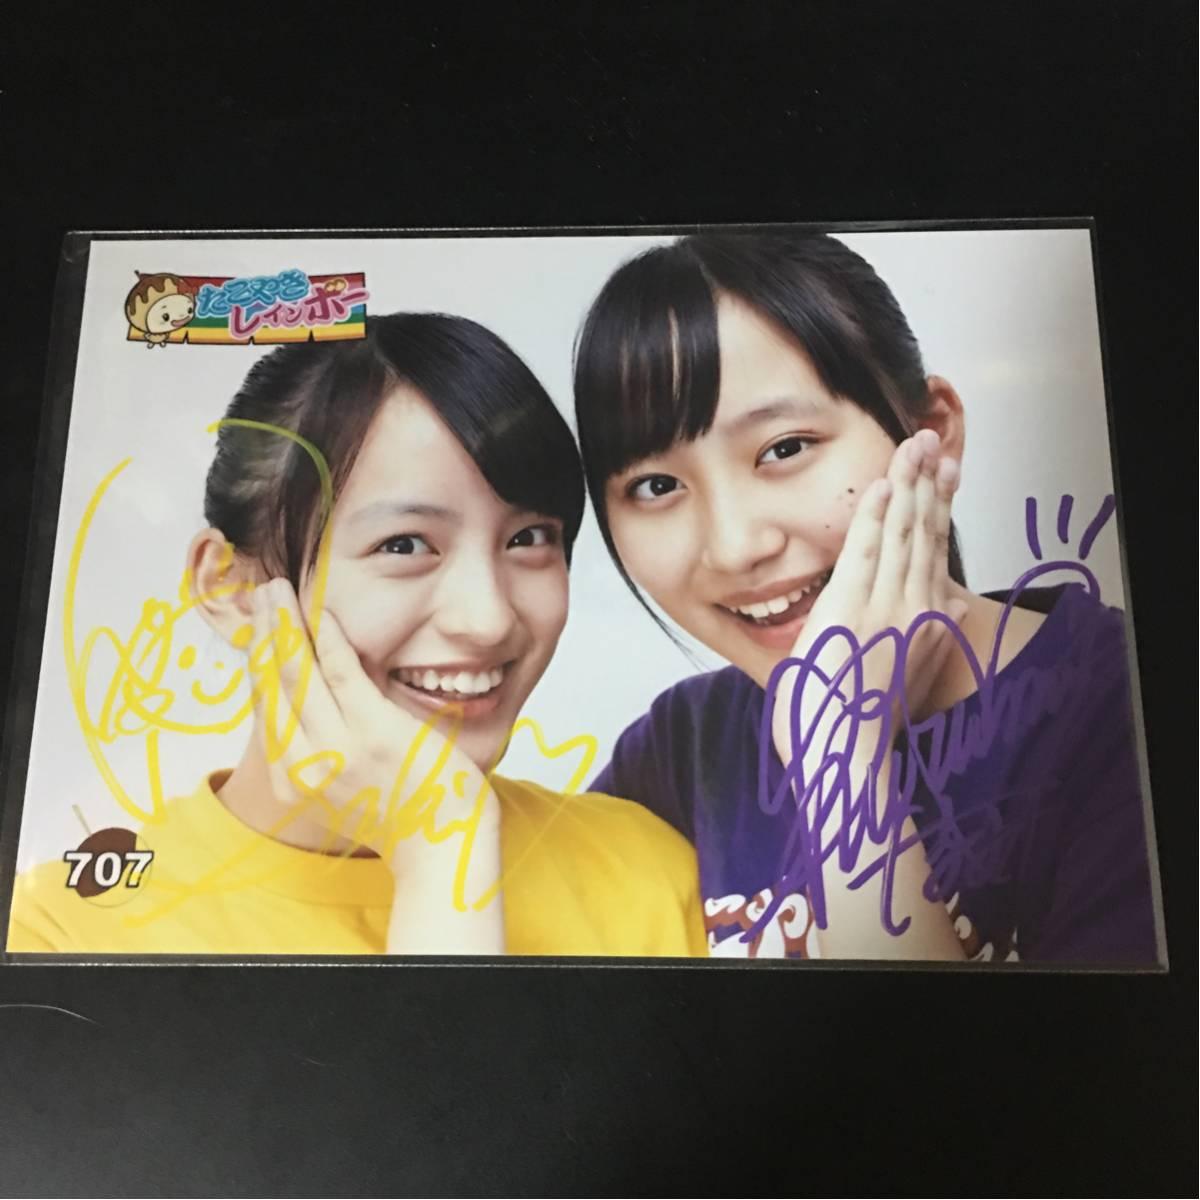 清井咲希 堀くるみ 生写真 サイン たこ虹 たこやきレインボー さきてぃ ライブグッズの画像